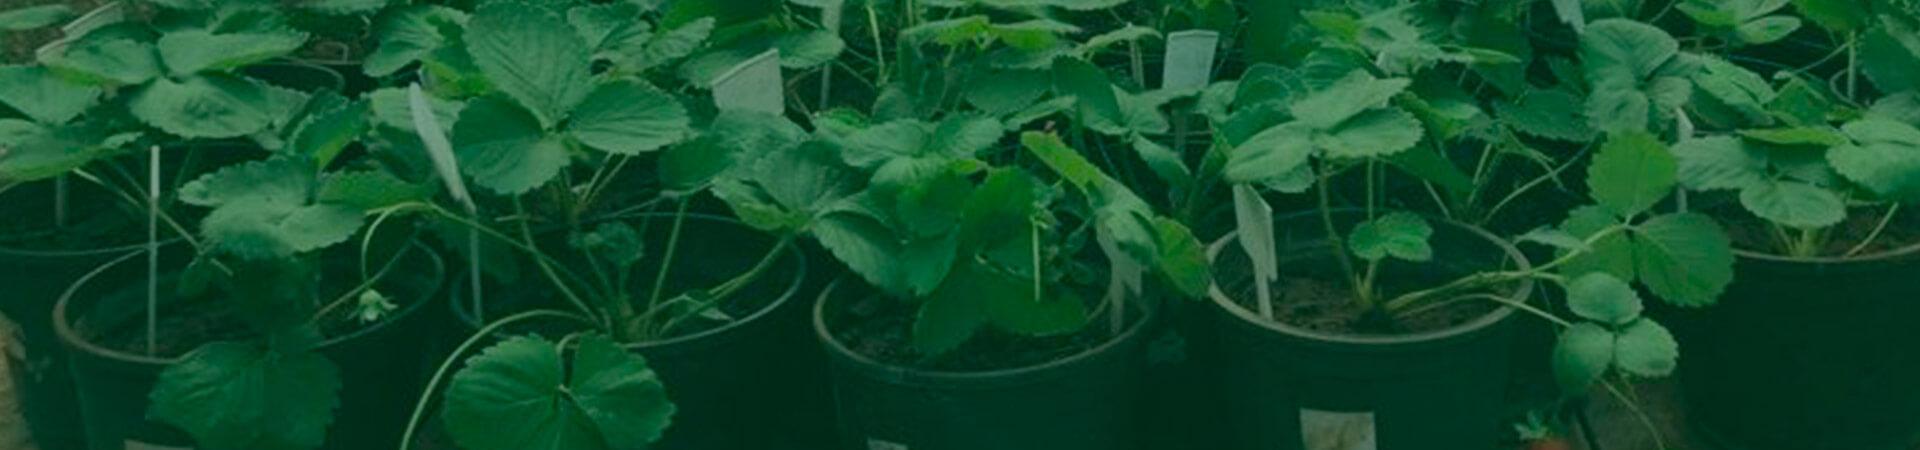 Efeitos da utilização de fungos entomopatogênicos como inoculantes no crescimento de plantas e controle de pragas